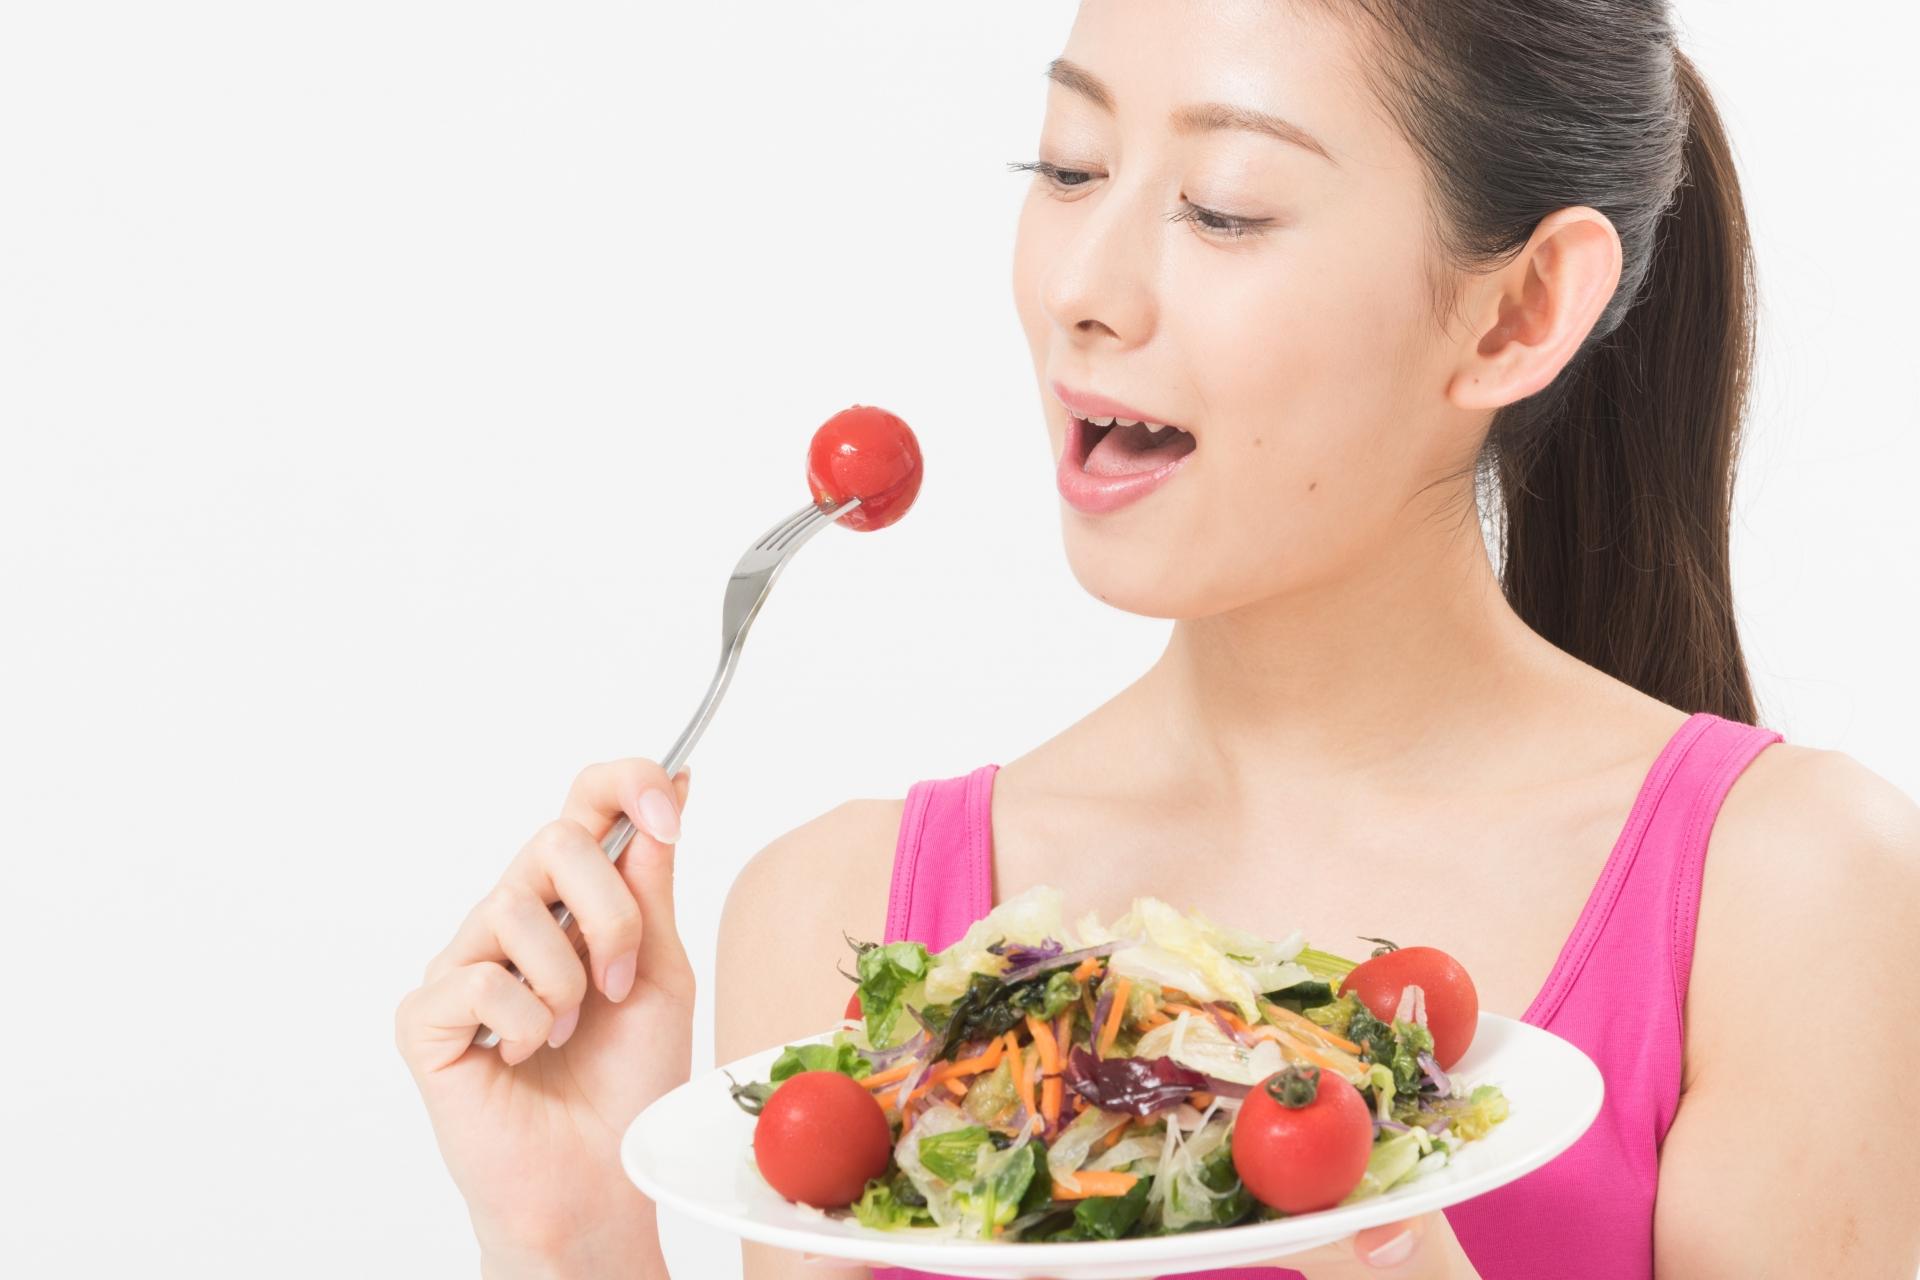 ダイエット成功のコツ! 健康的に痩せるための食事の方法